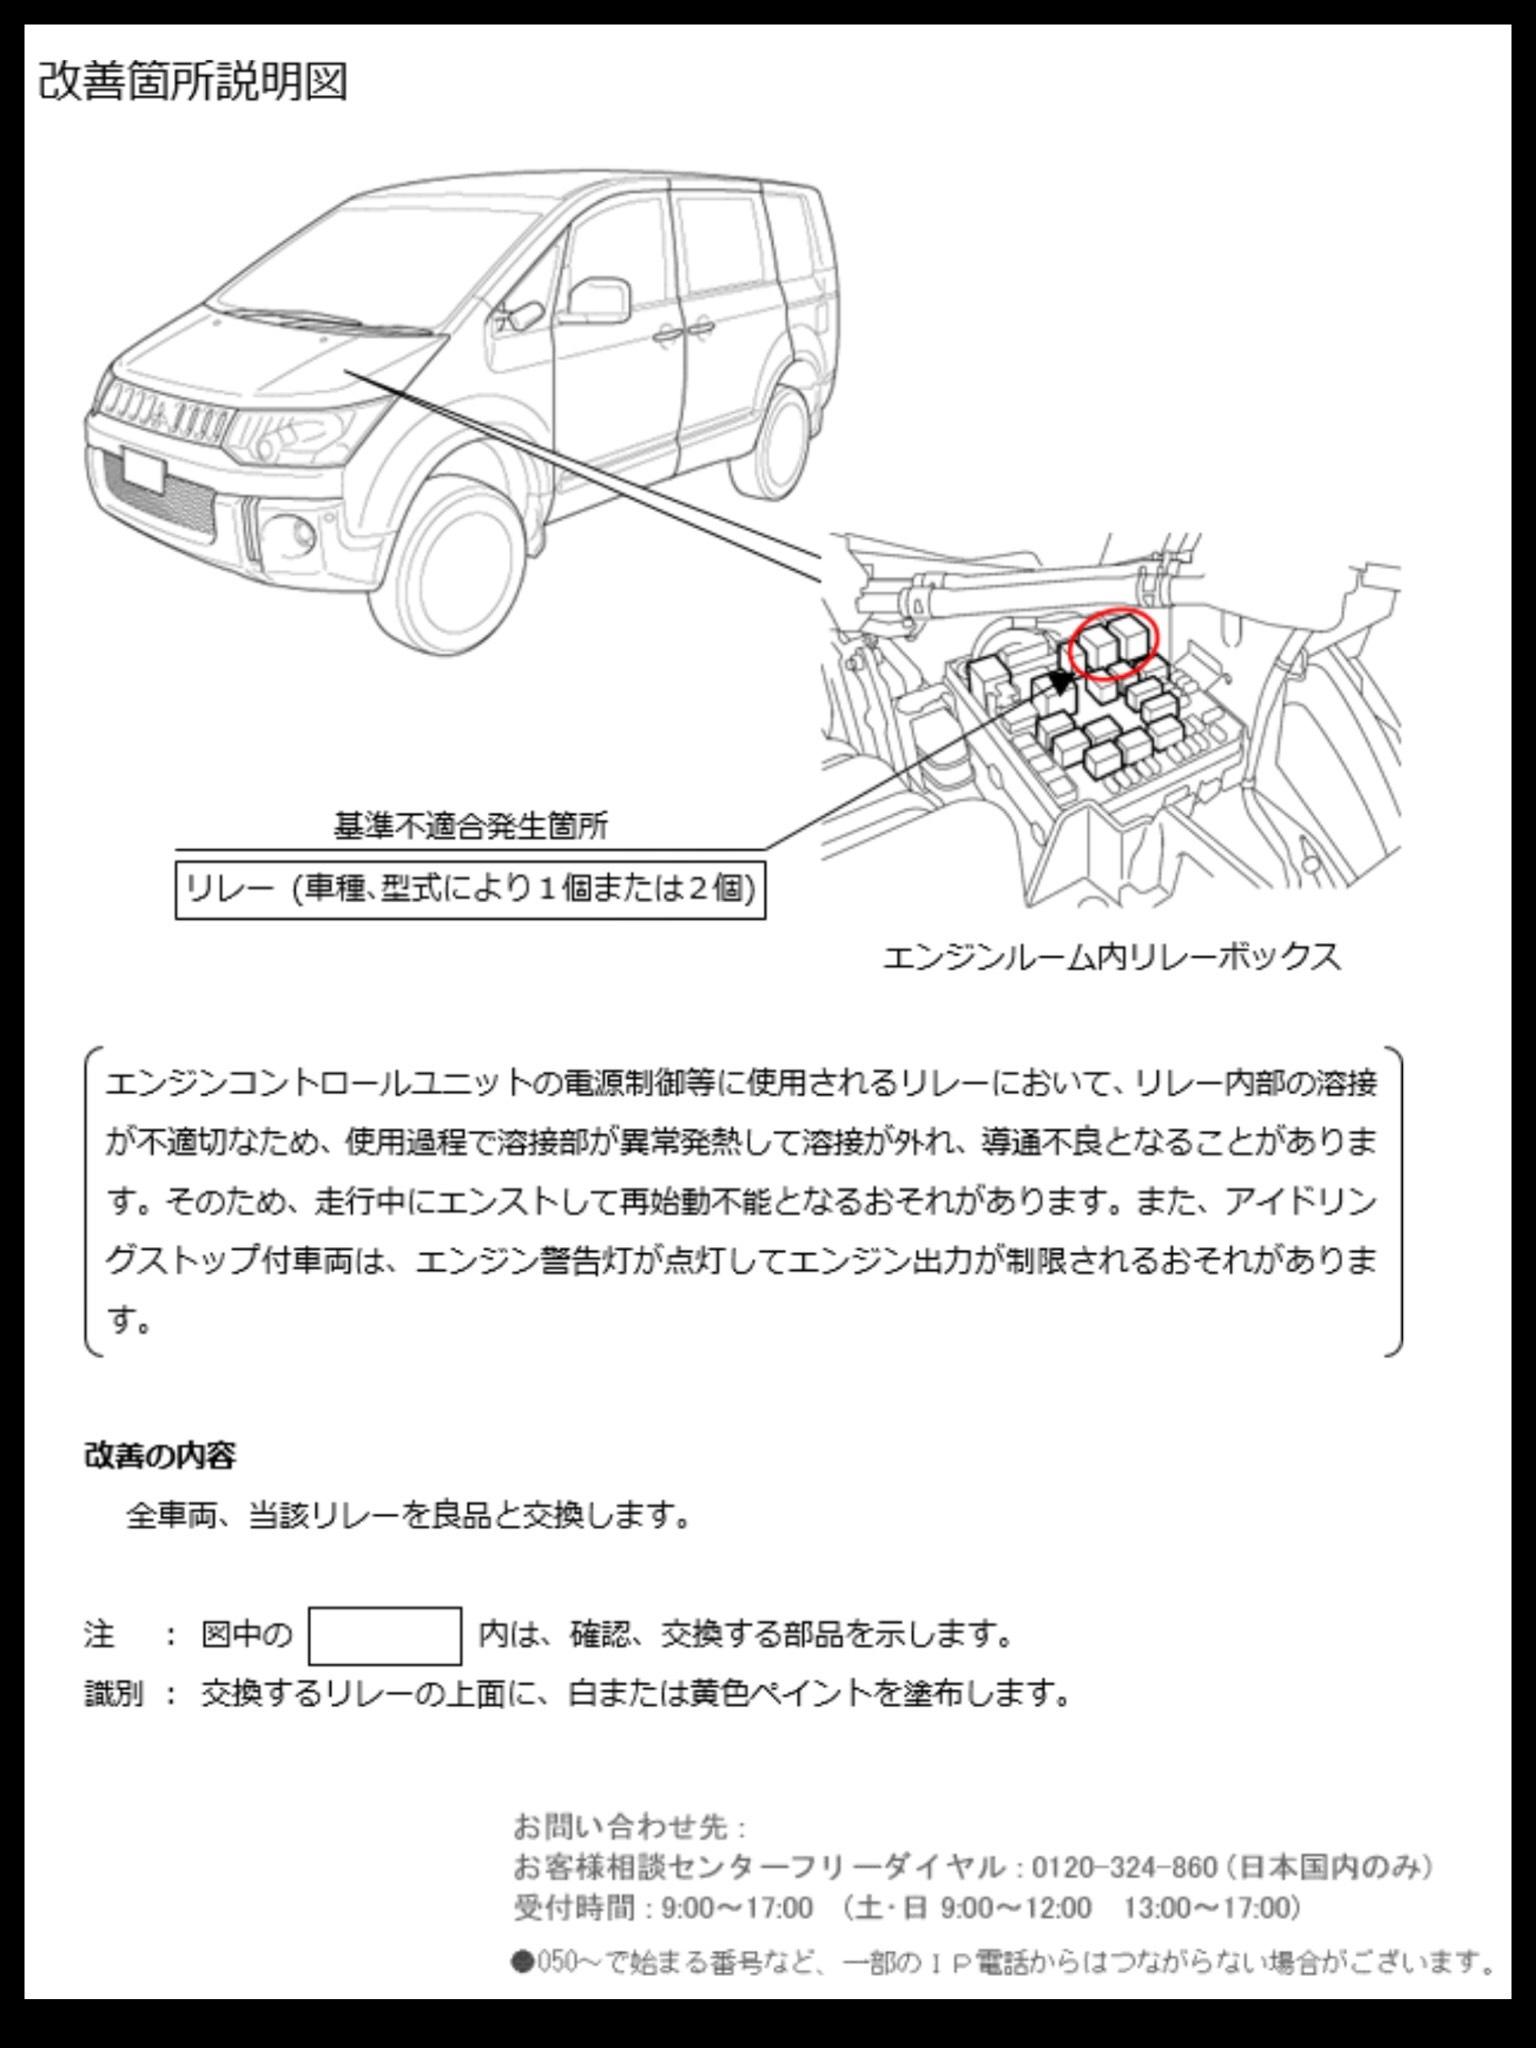 アウトランダーPHEV エンジンコントロールユニット リレー不備でリコール